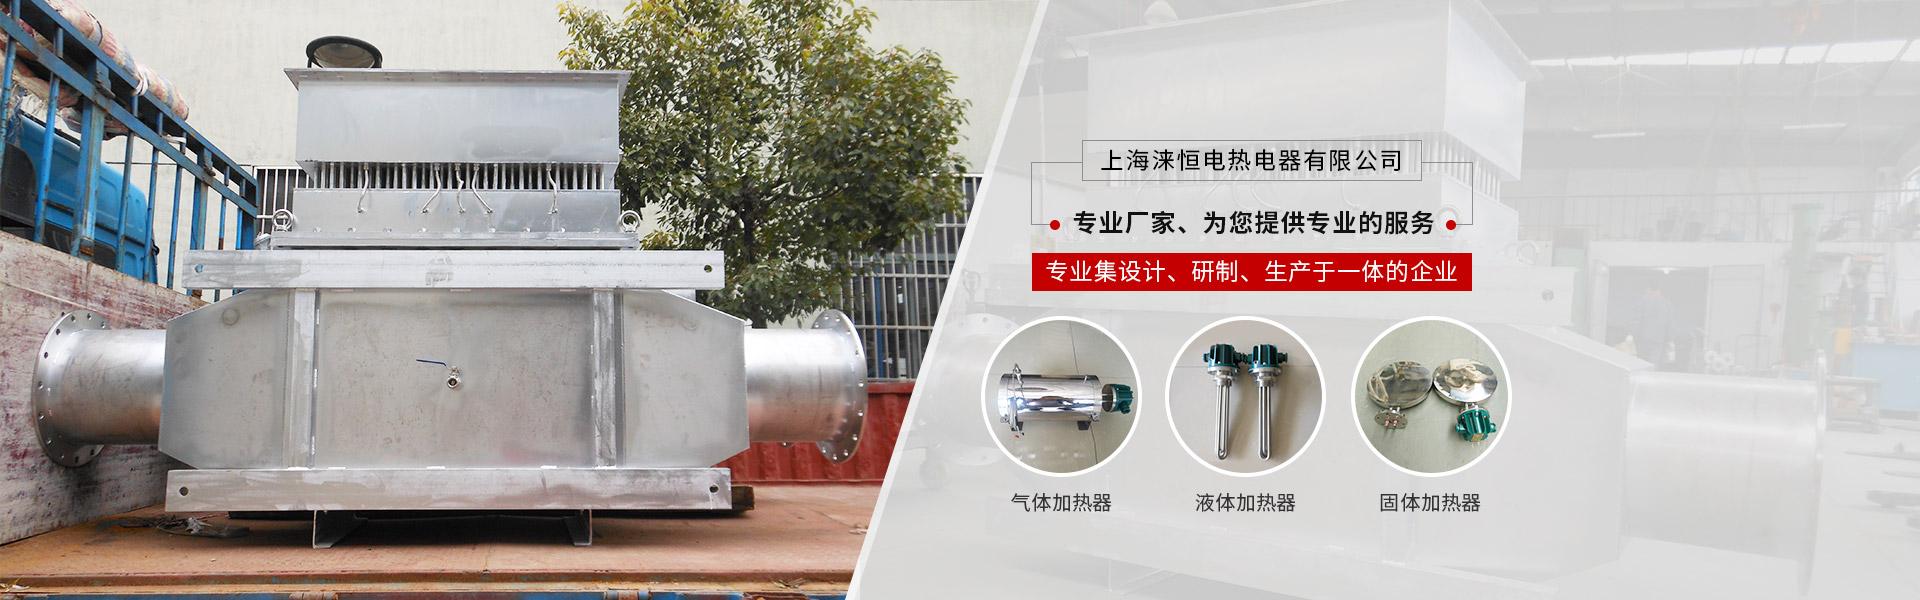 上海涞恒电热电器